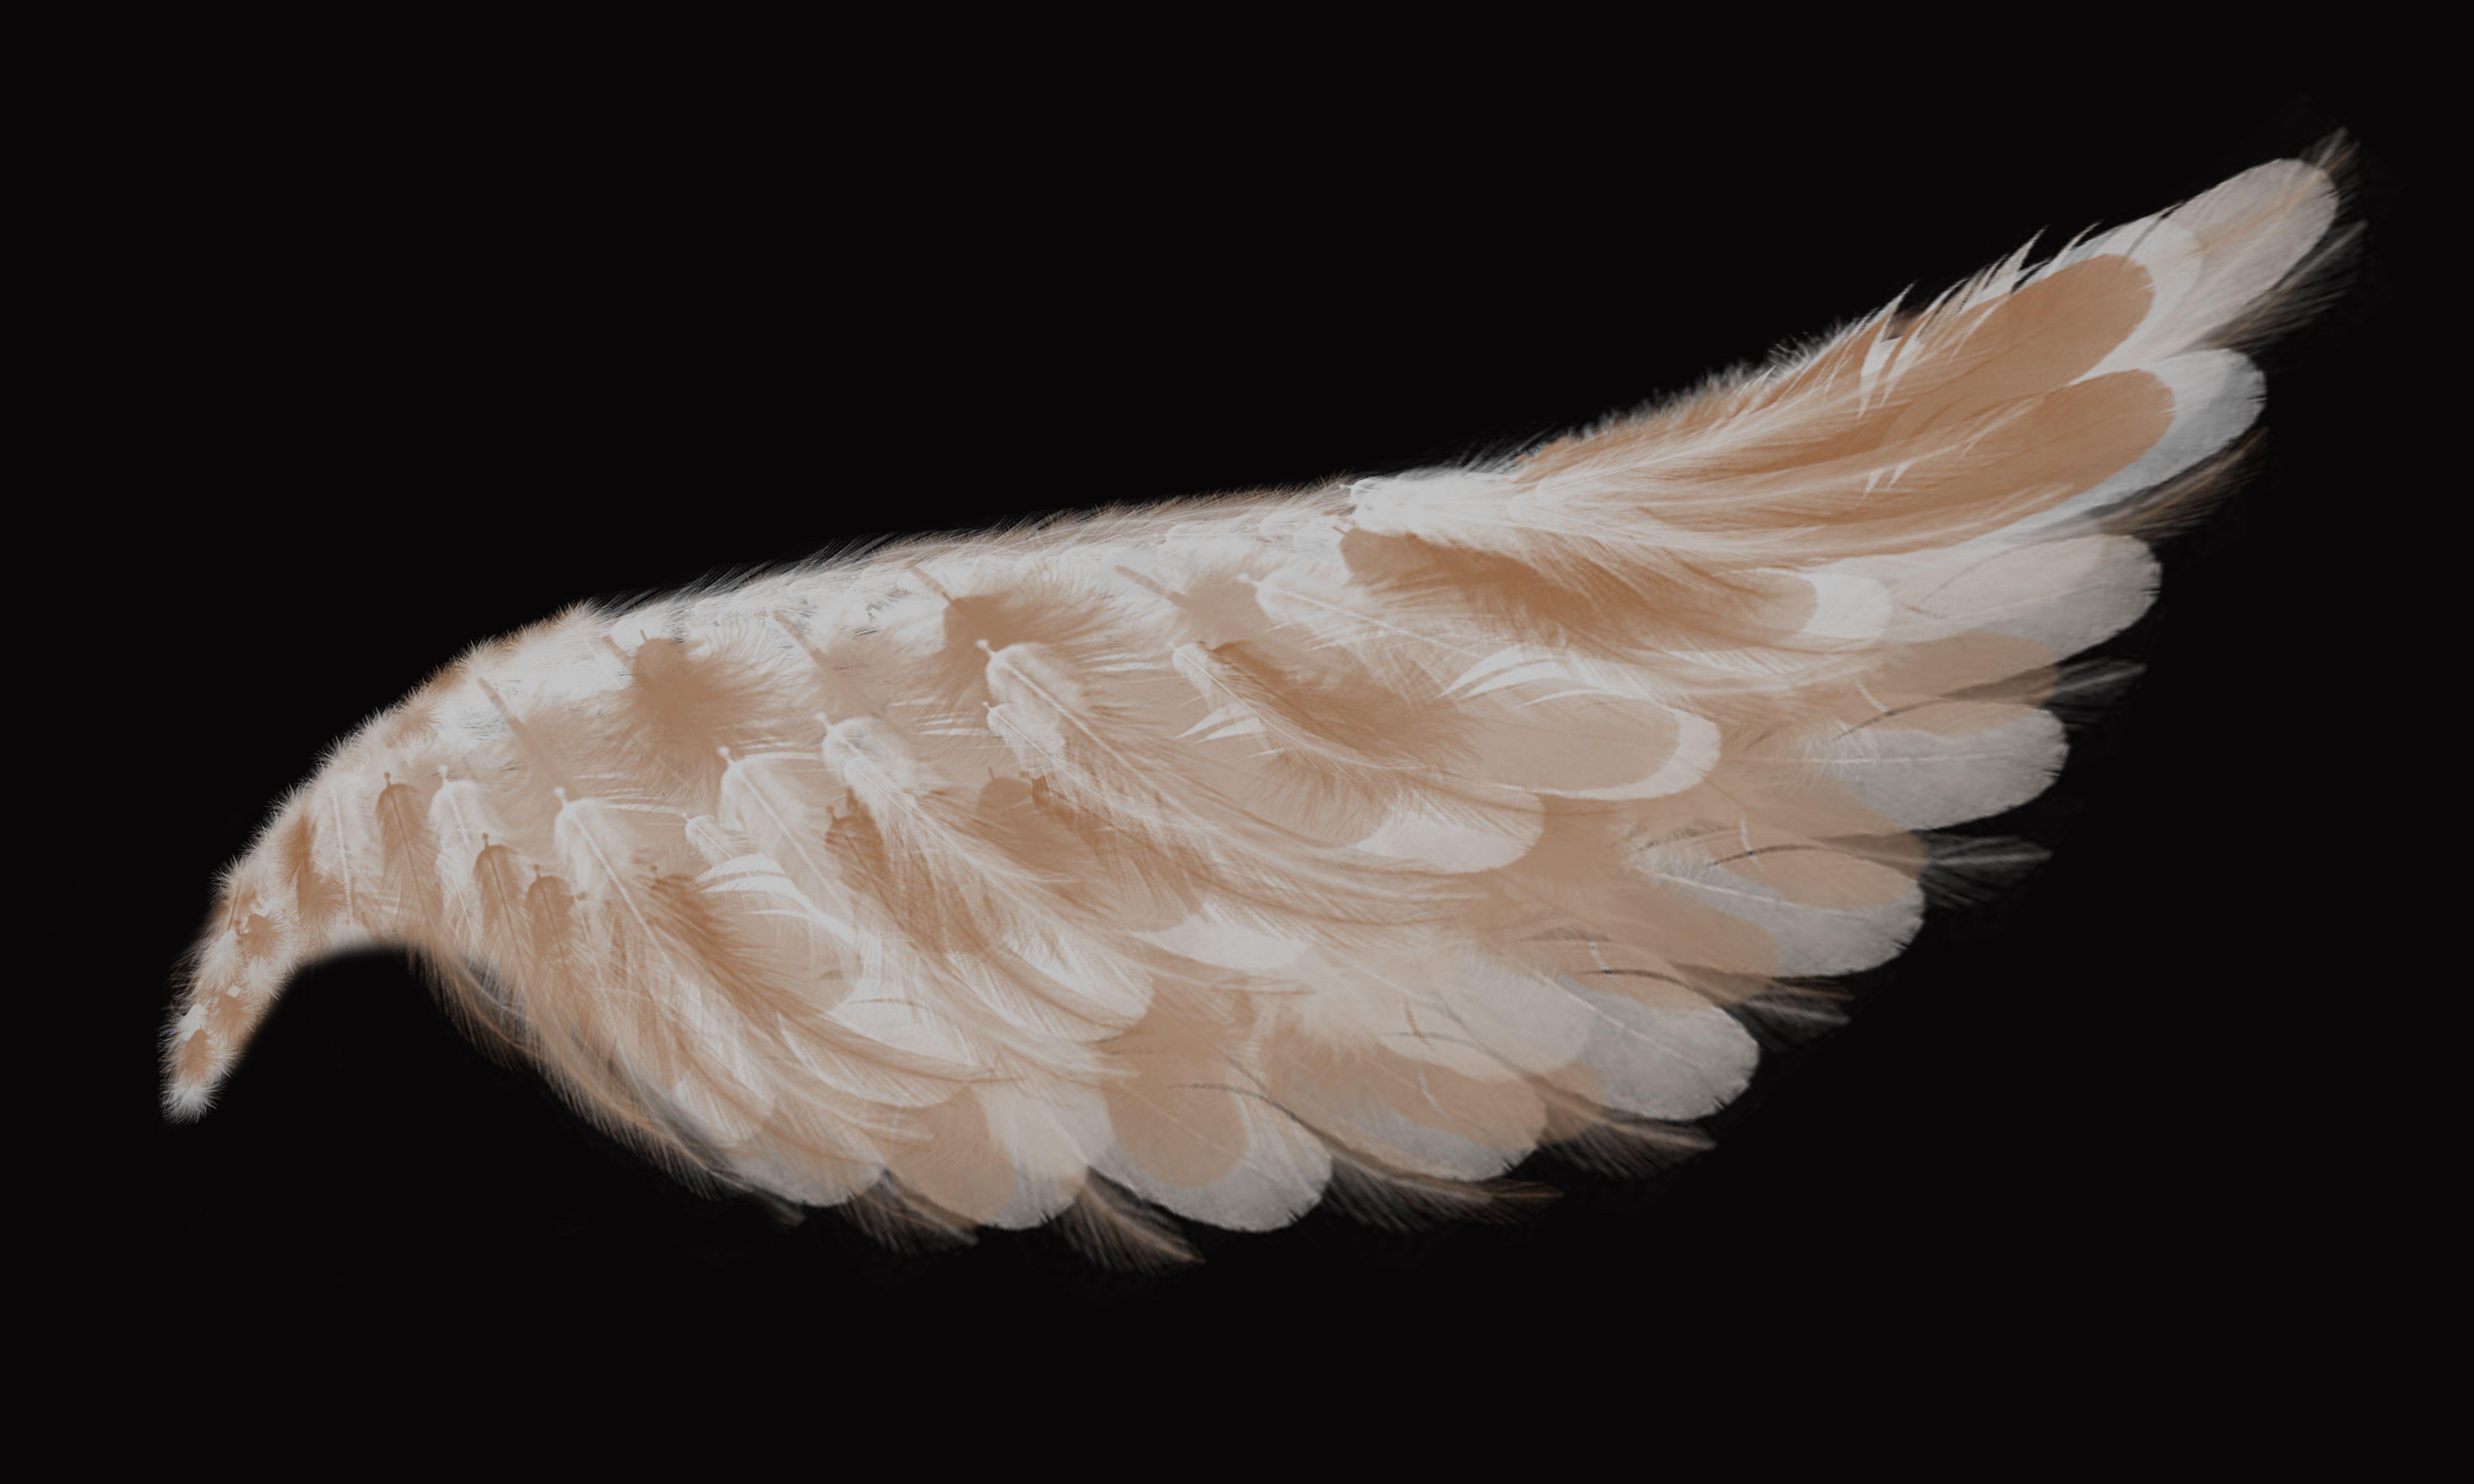 латышских картинка крыло ангела поздравления днем рождения